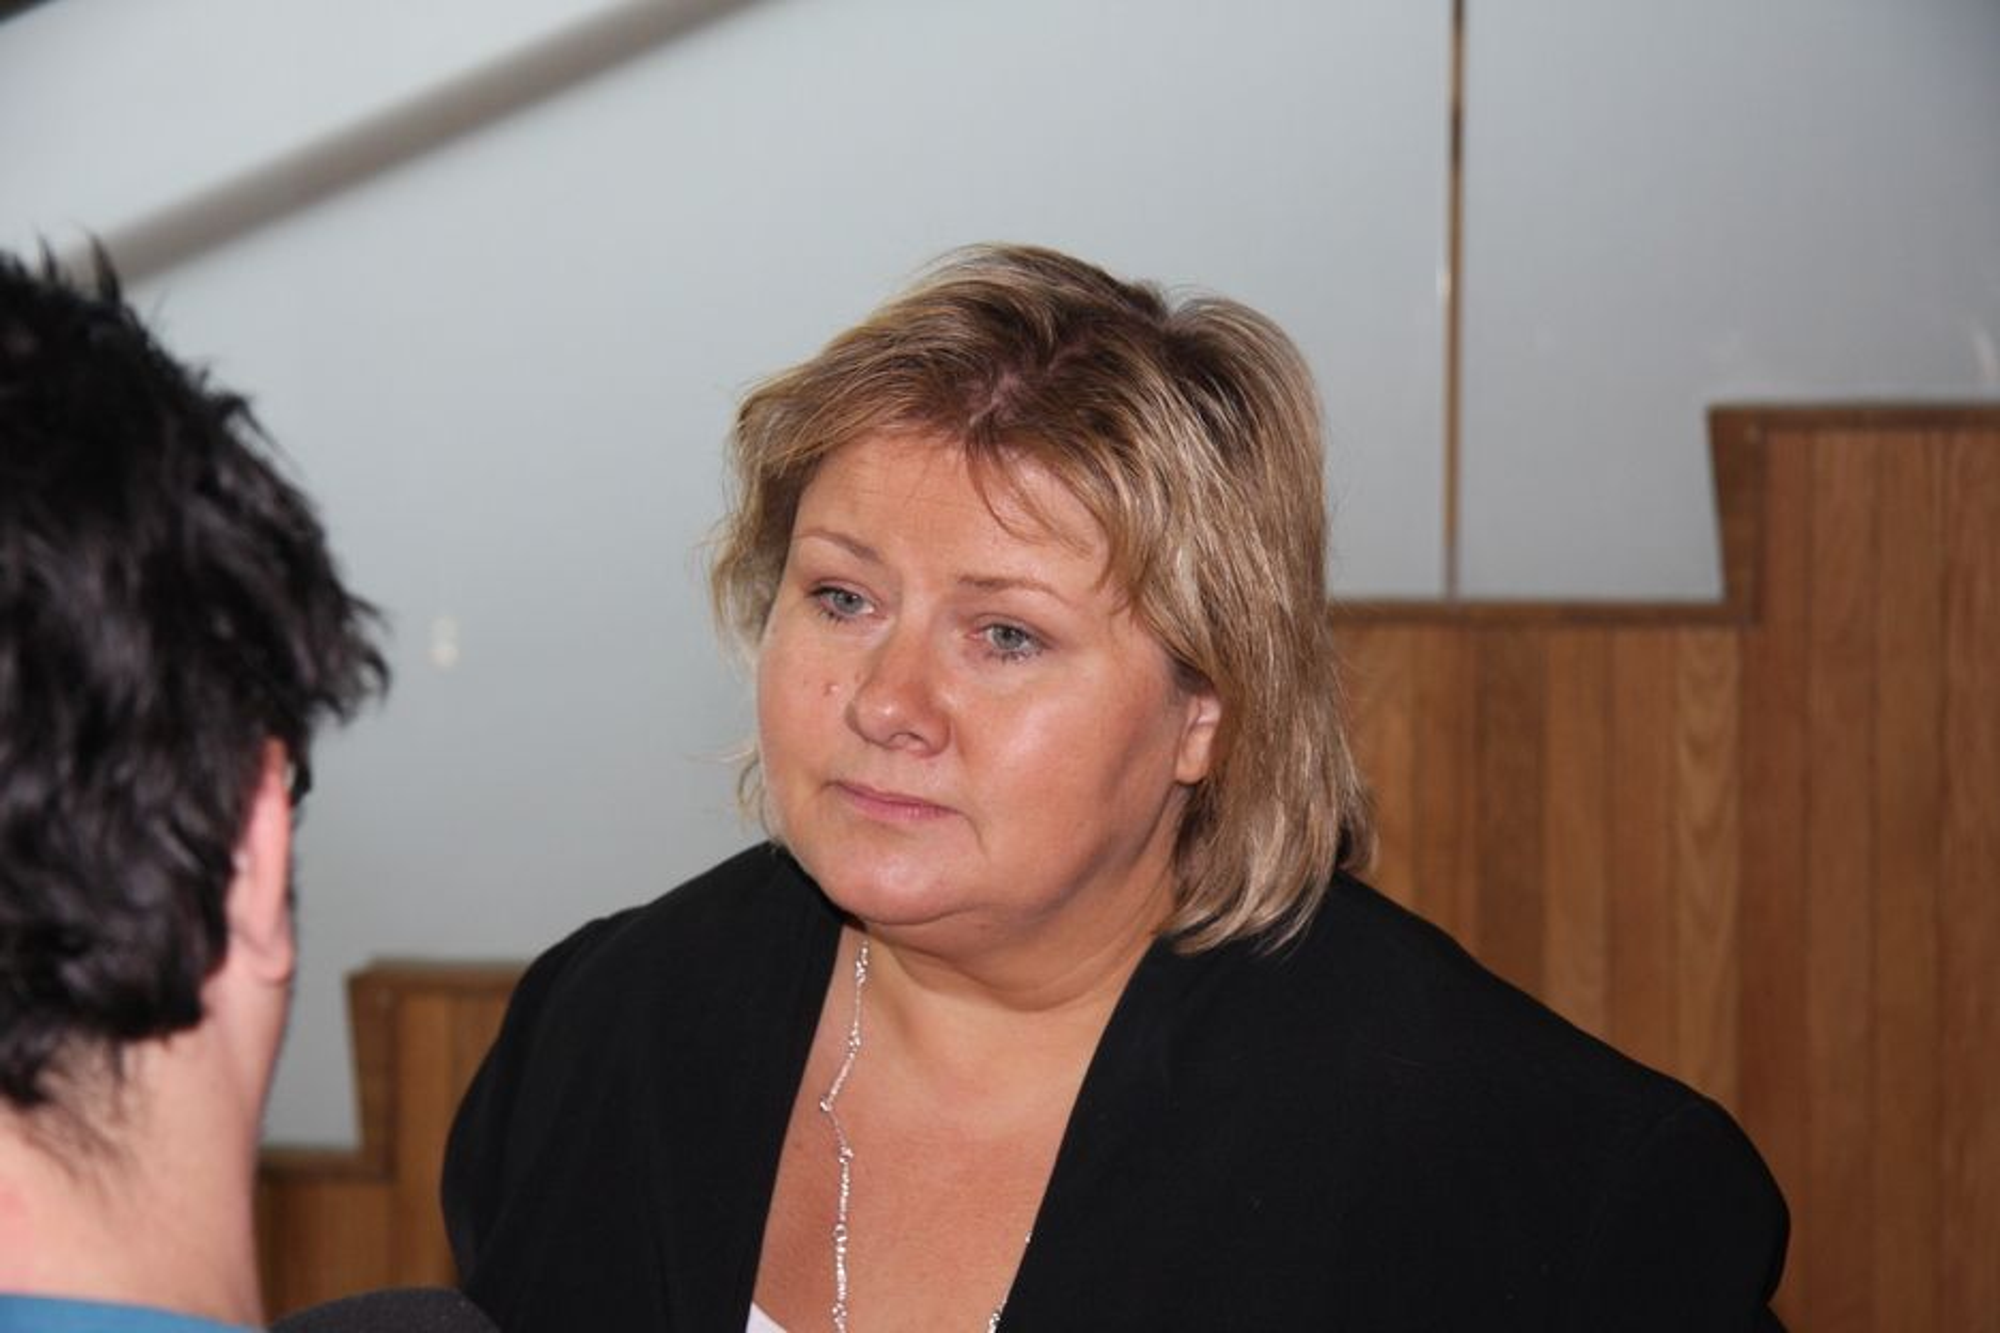 Høyre-leder Erna Solberg mener det er viktig å komme ut av krisen med bedre konkurranseevne, og særlig eksportnæringen må løftes.